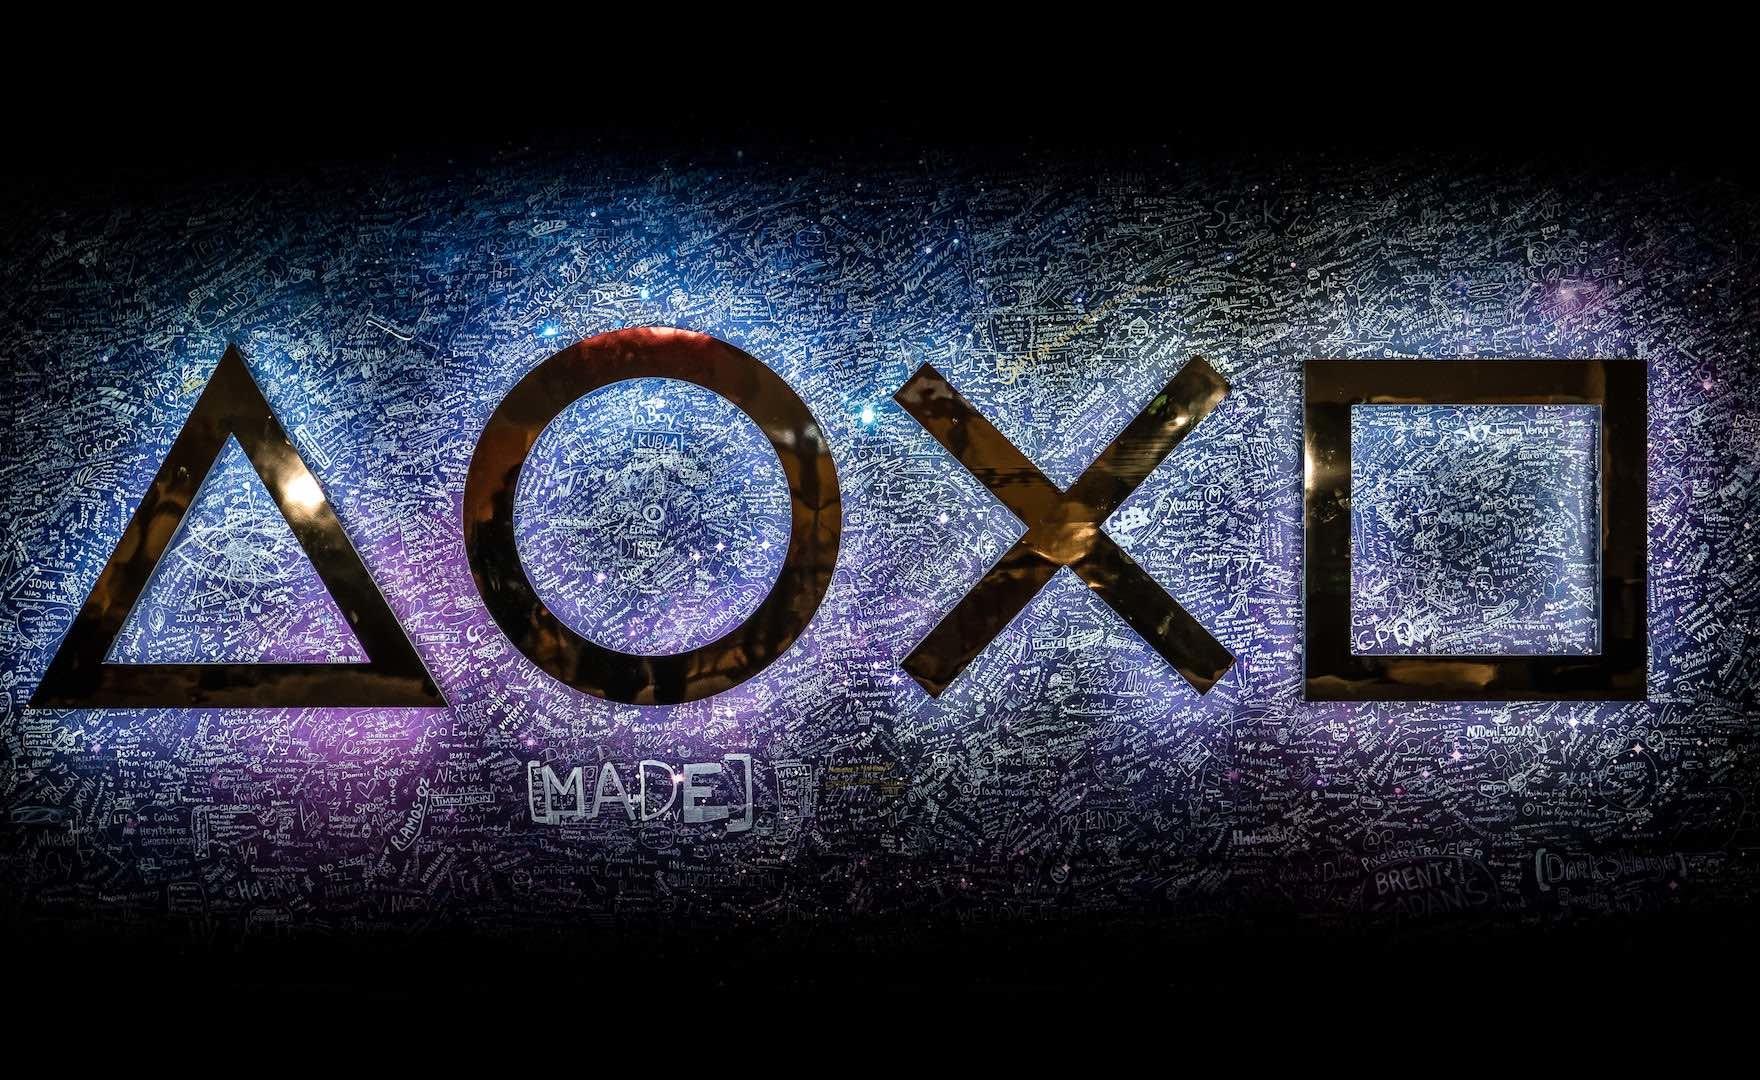 Sony conferma: Death Stranding, The Last of Us Part 2 e Ghost of Tsushima usciranno su PS4